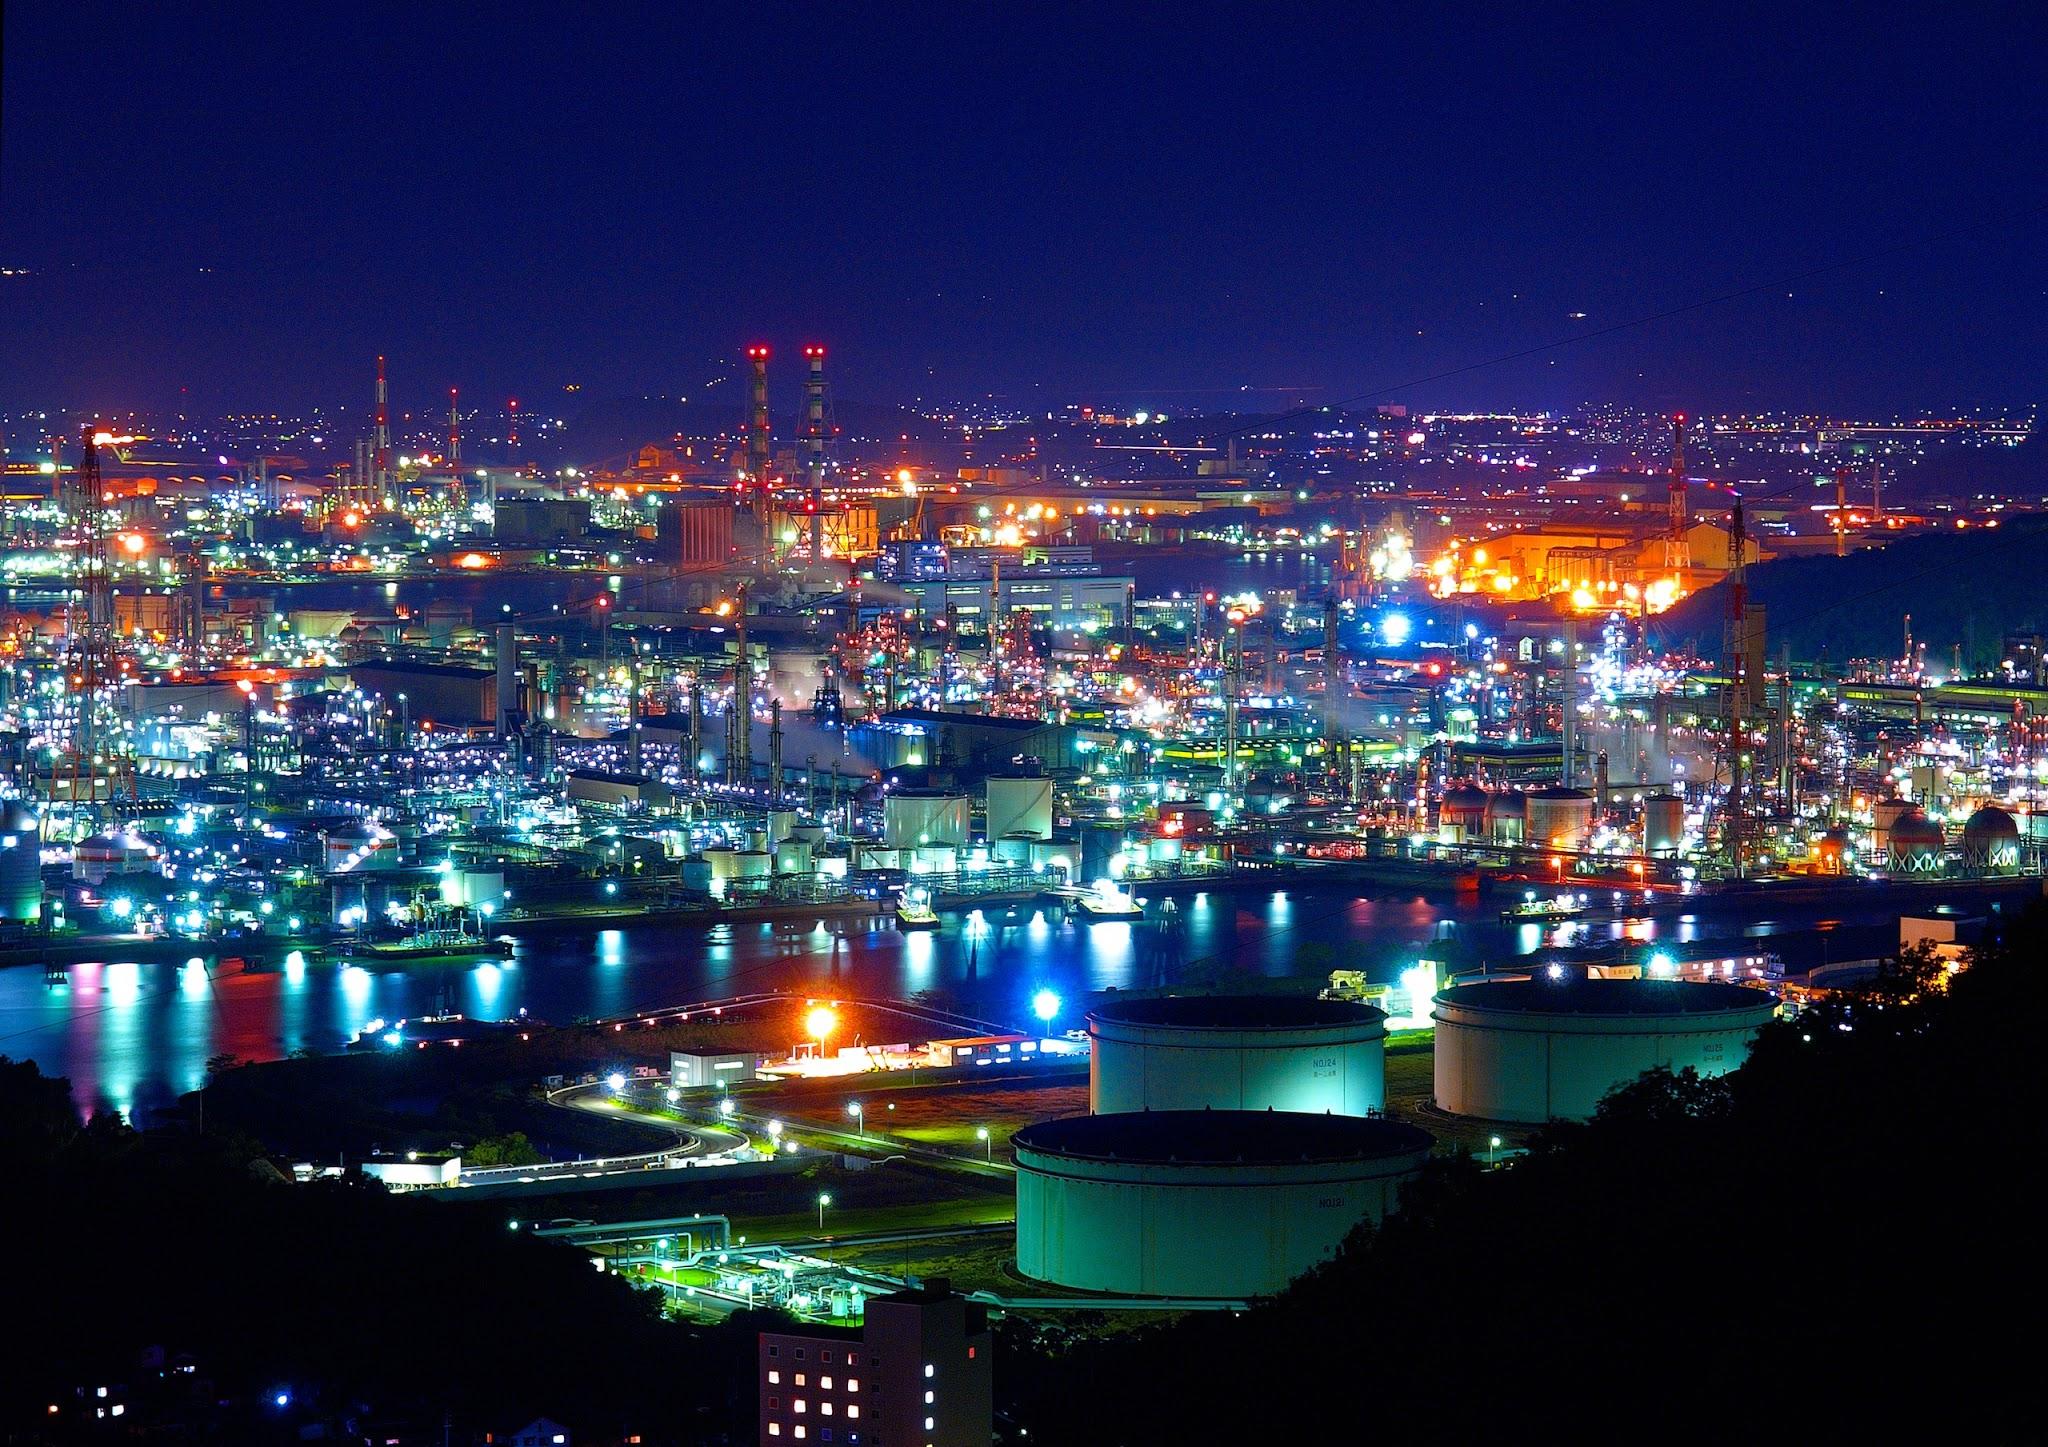 夜景の壁紙・日本